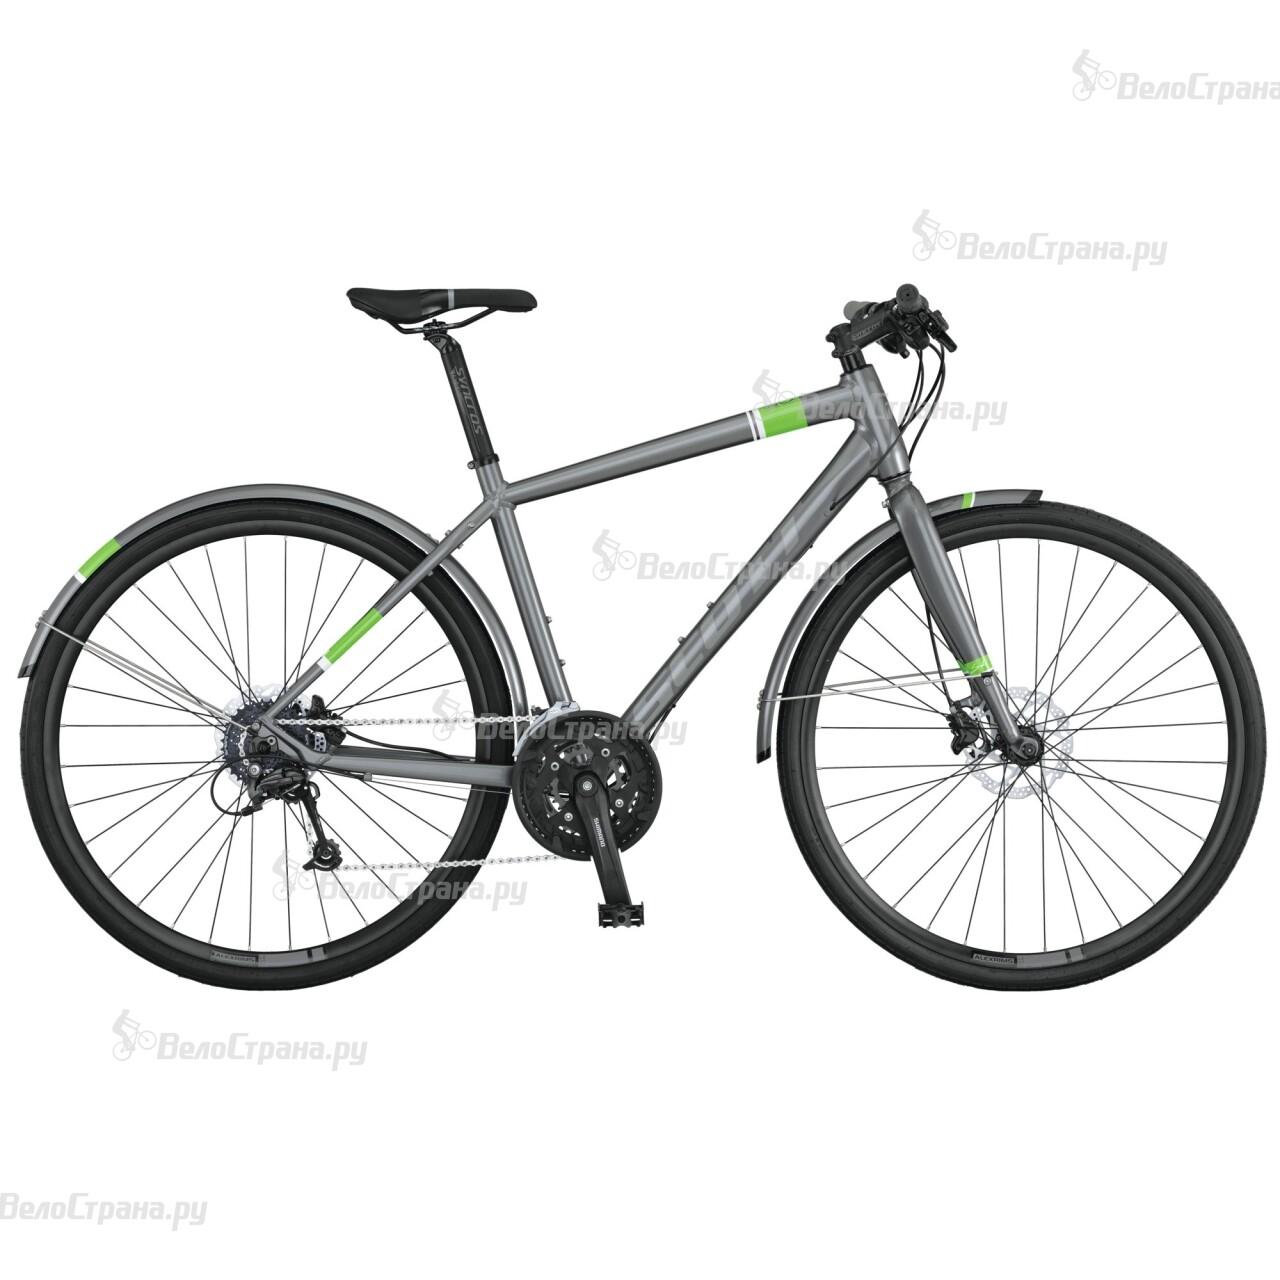 Велосипед Scott Sub Speed 20 (2015) сумка pw messenger pw 003